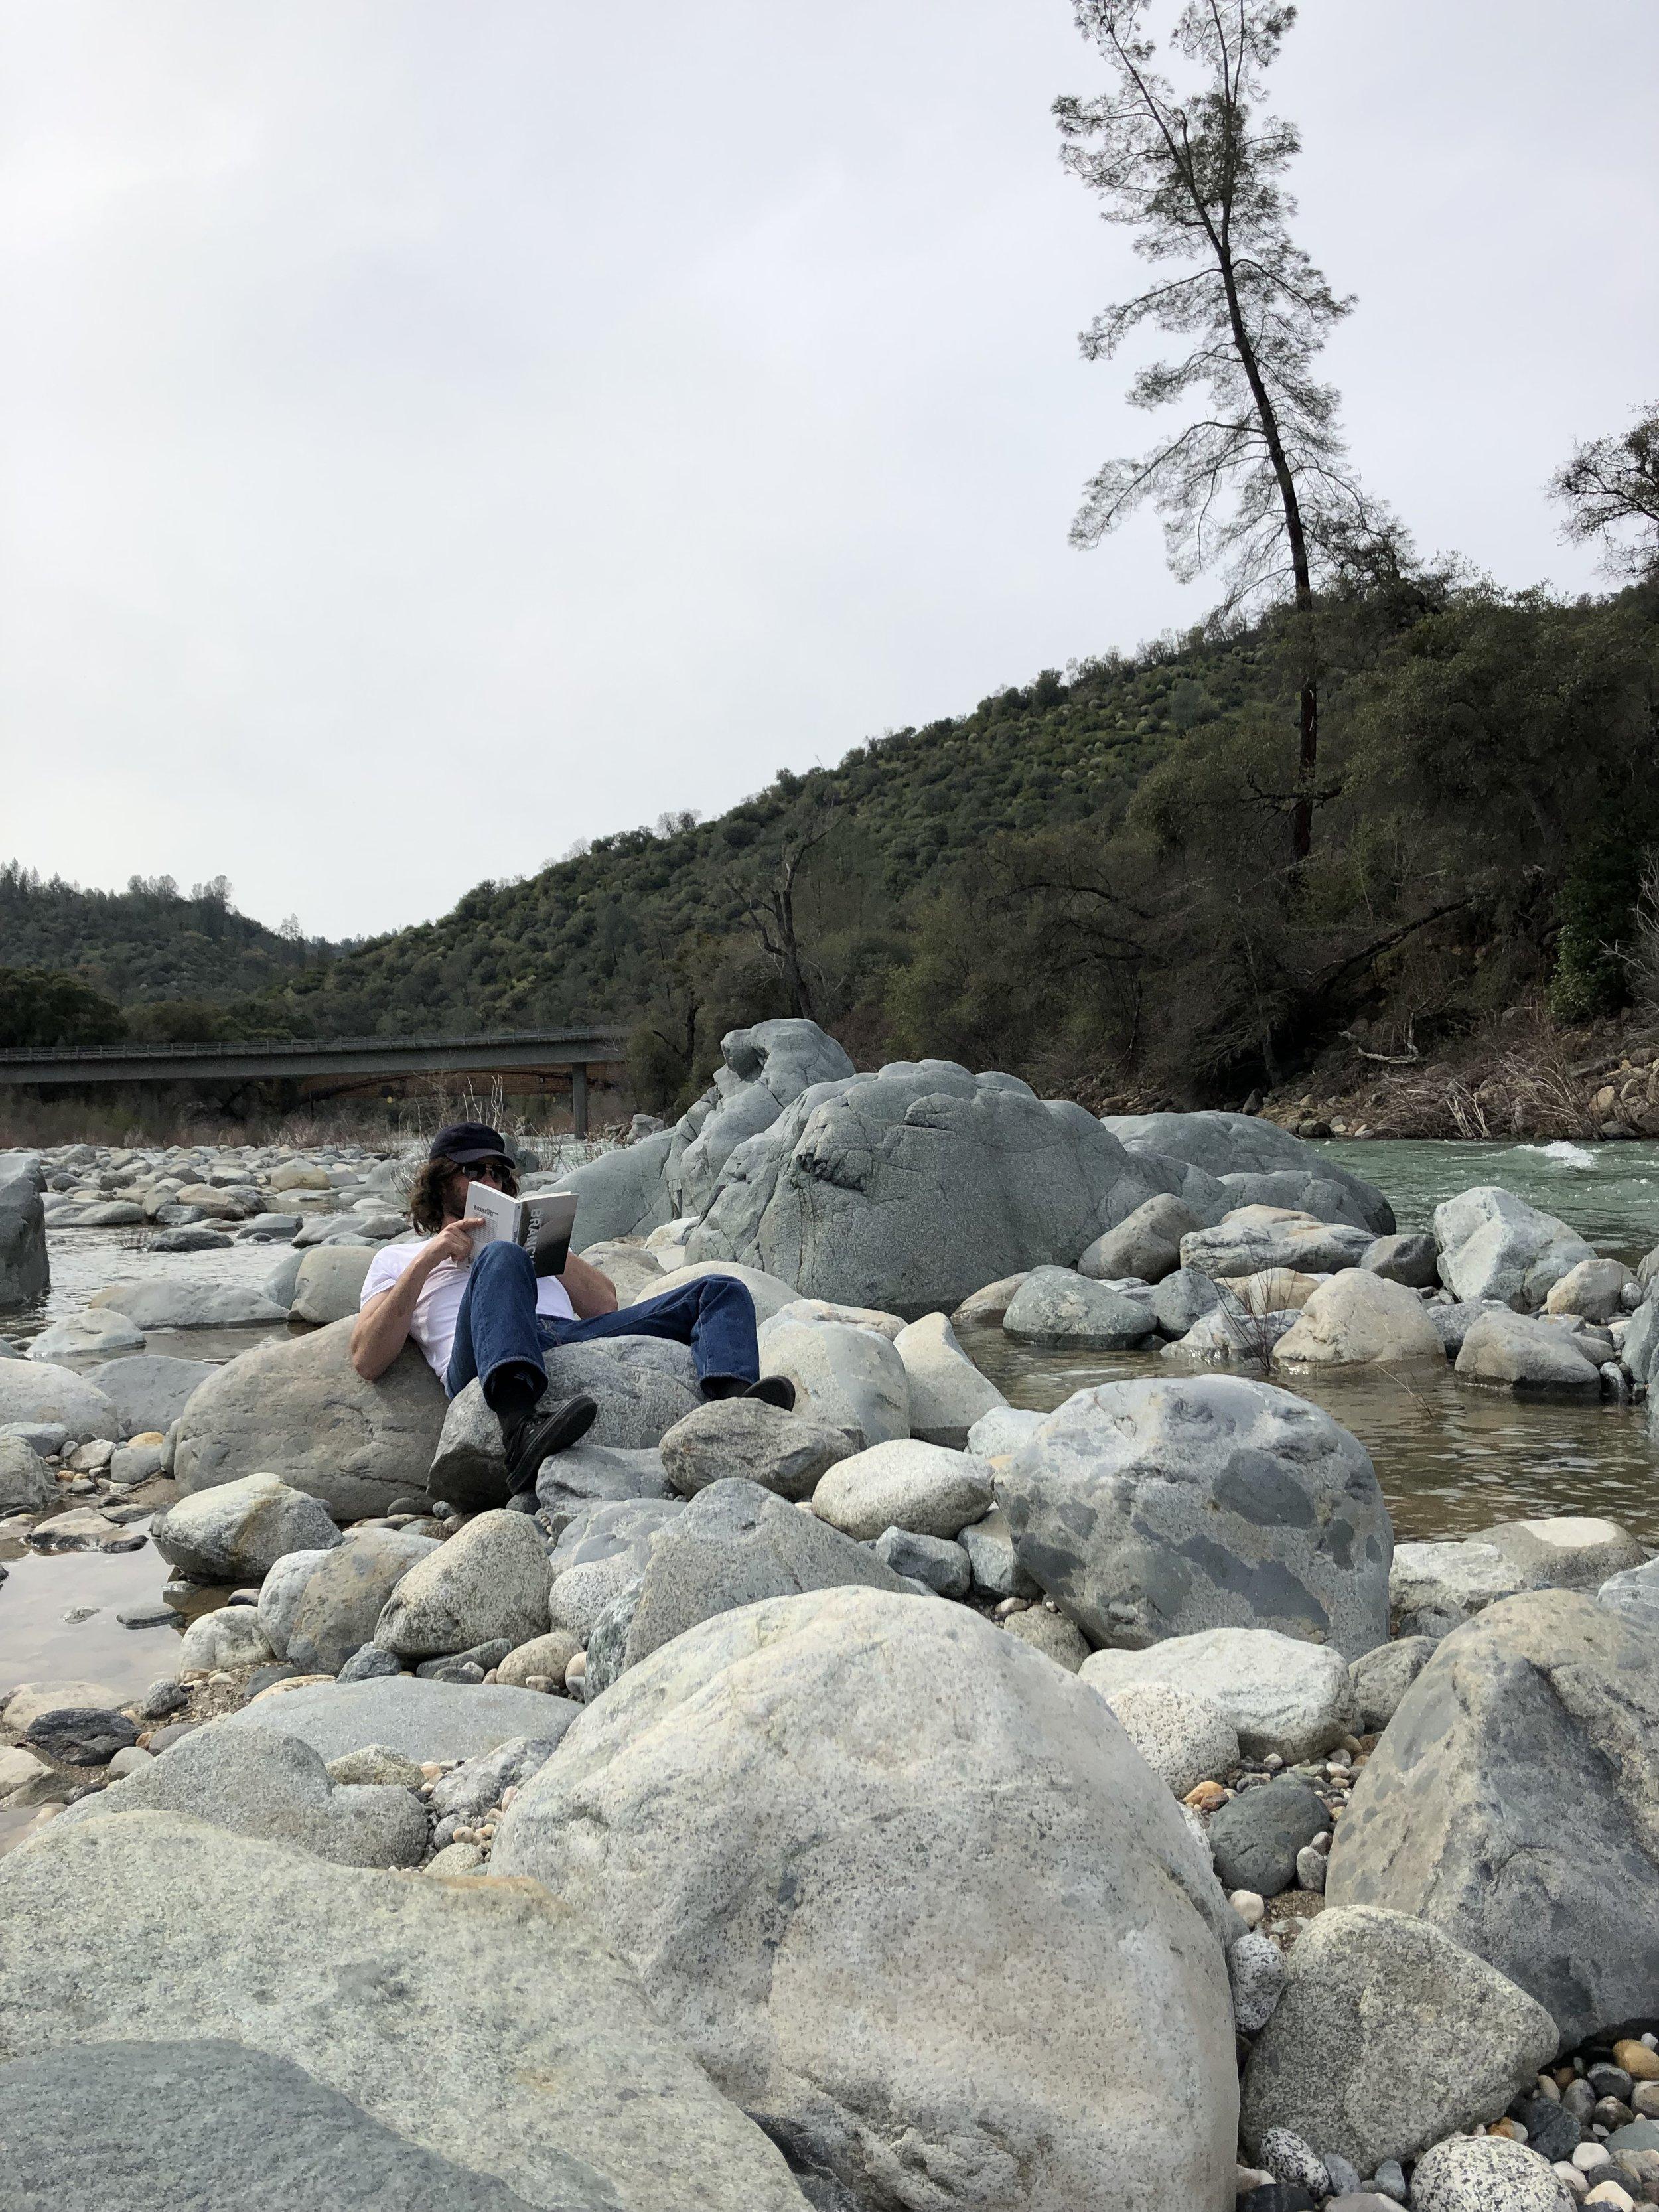 reader_at_yuba_river.jpeg